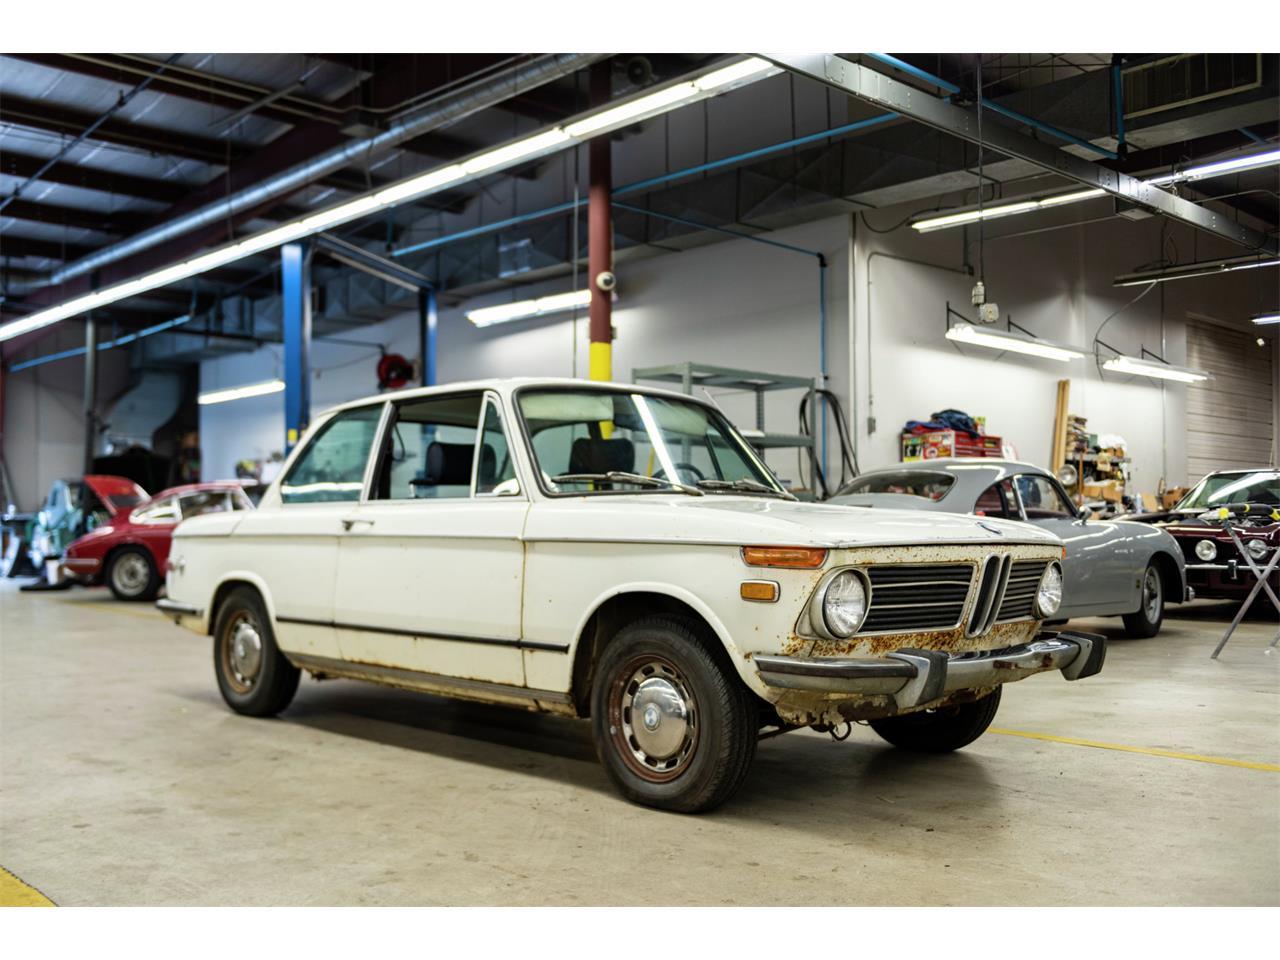 1973 Bmw 2002tii For Sale Classiccars Com Cc 1236569